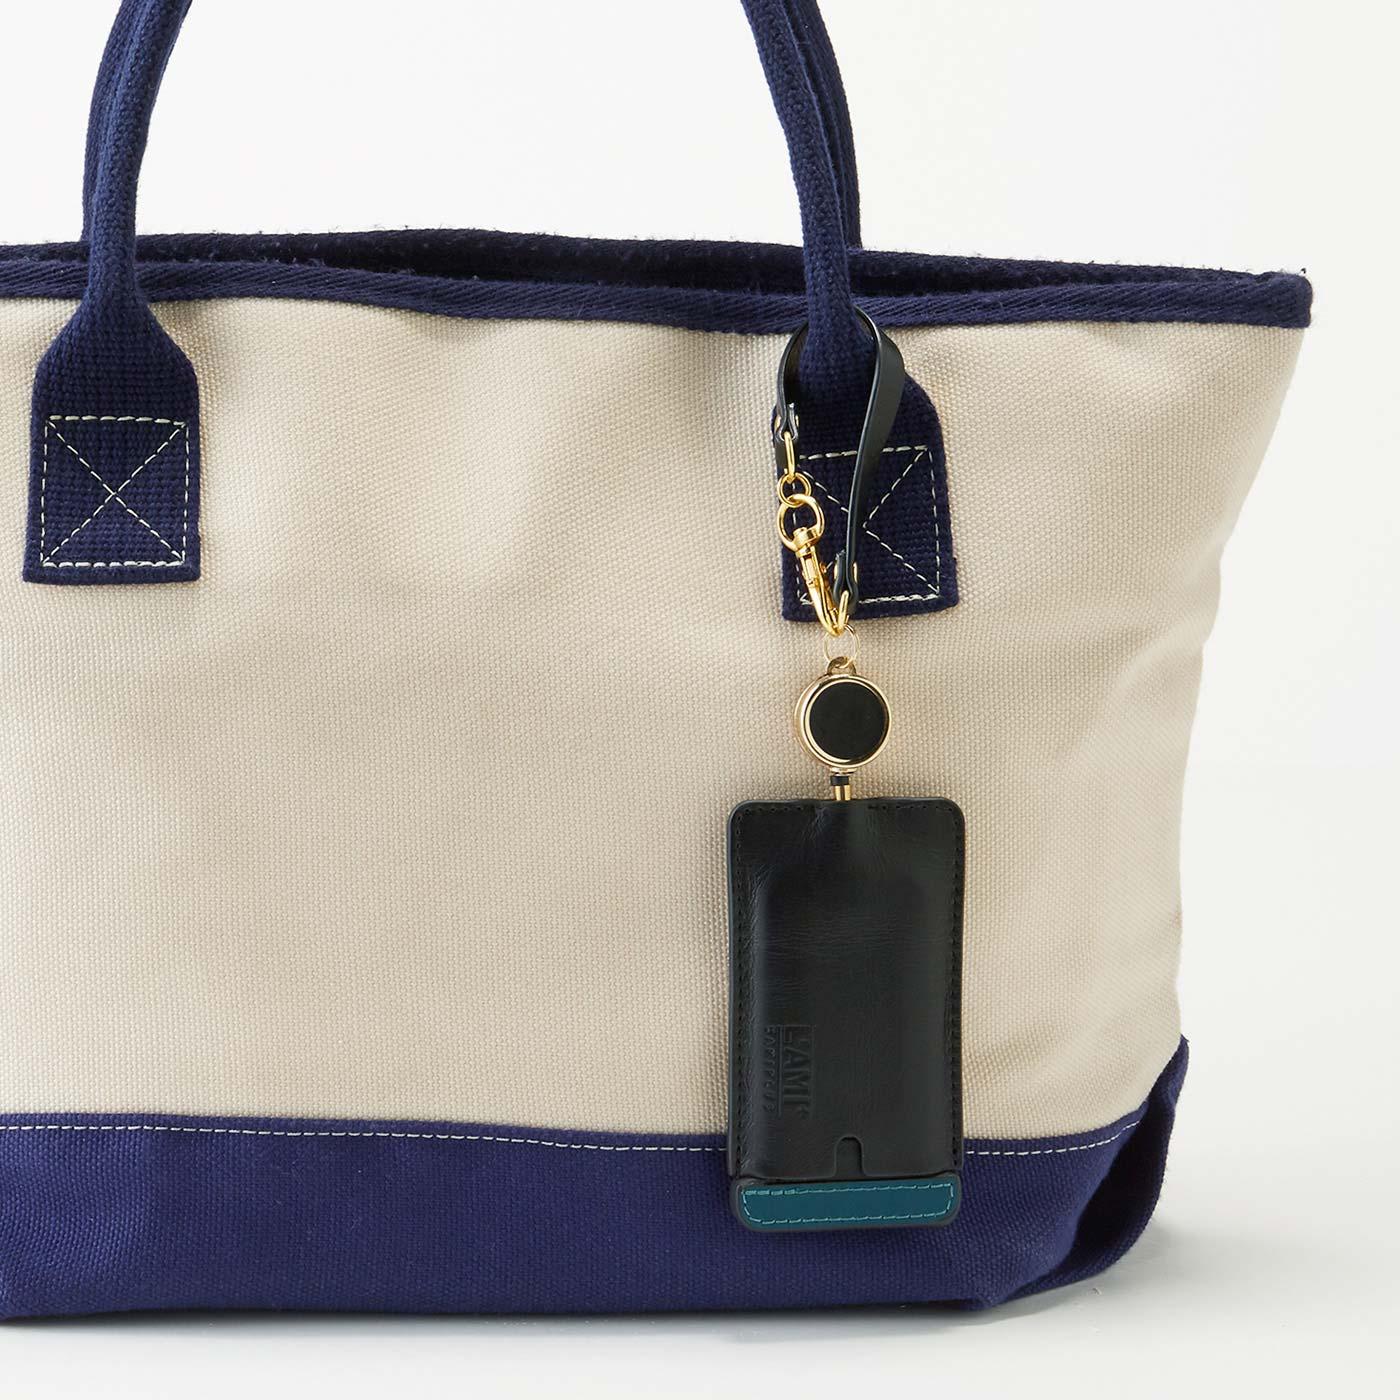 チャームのようにバッグのハンドルに取り付け。バッグを替えたいときもナスカンなので付け替えらくらく。